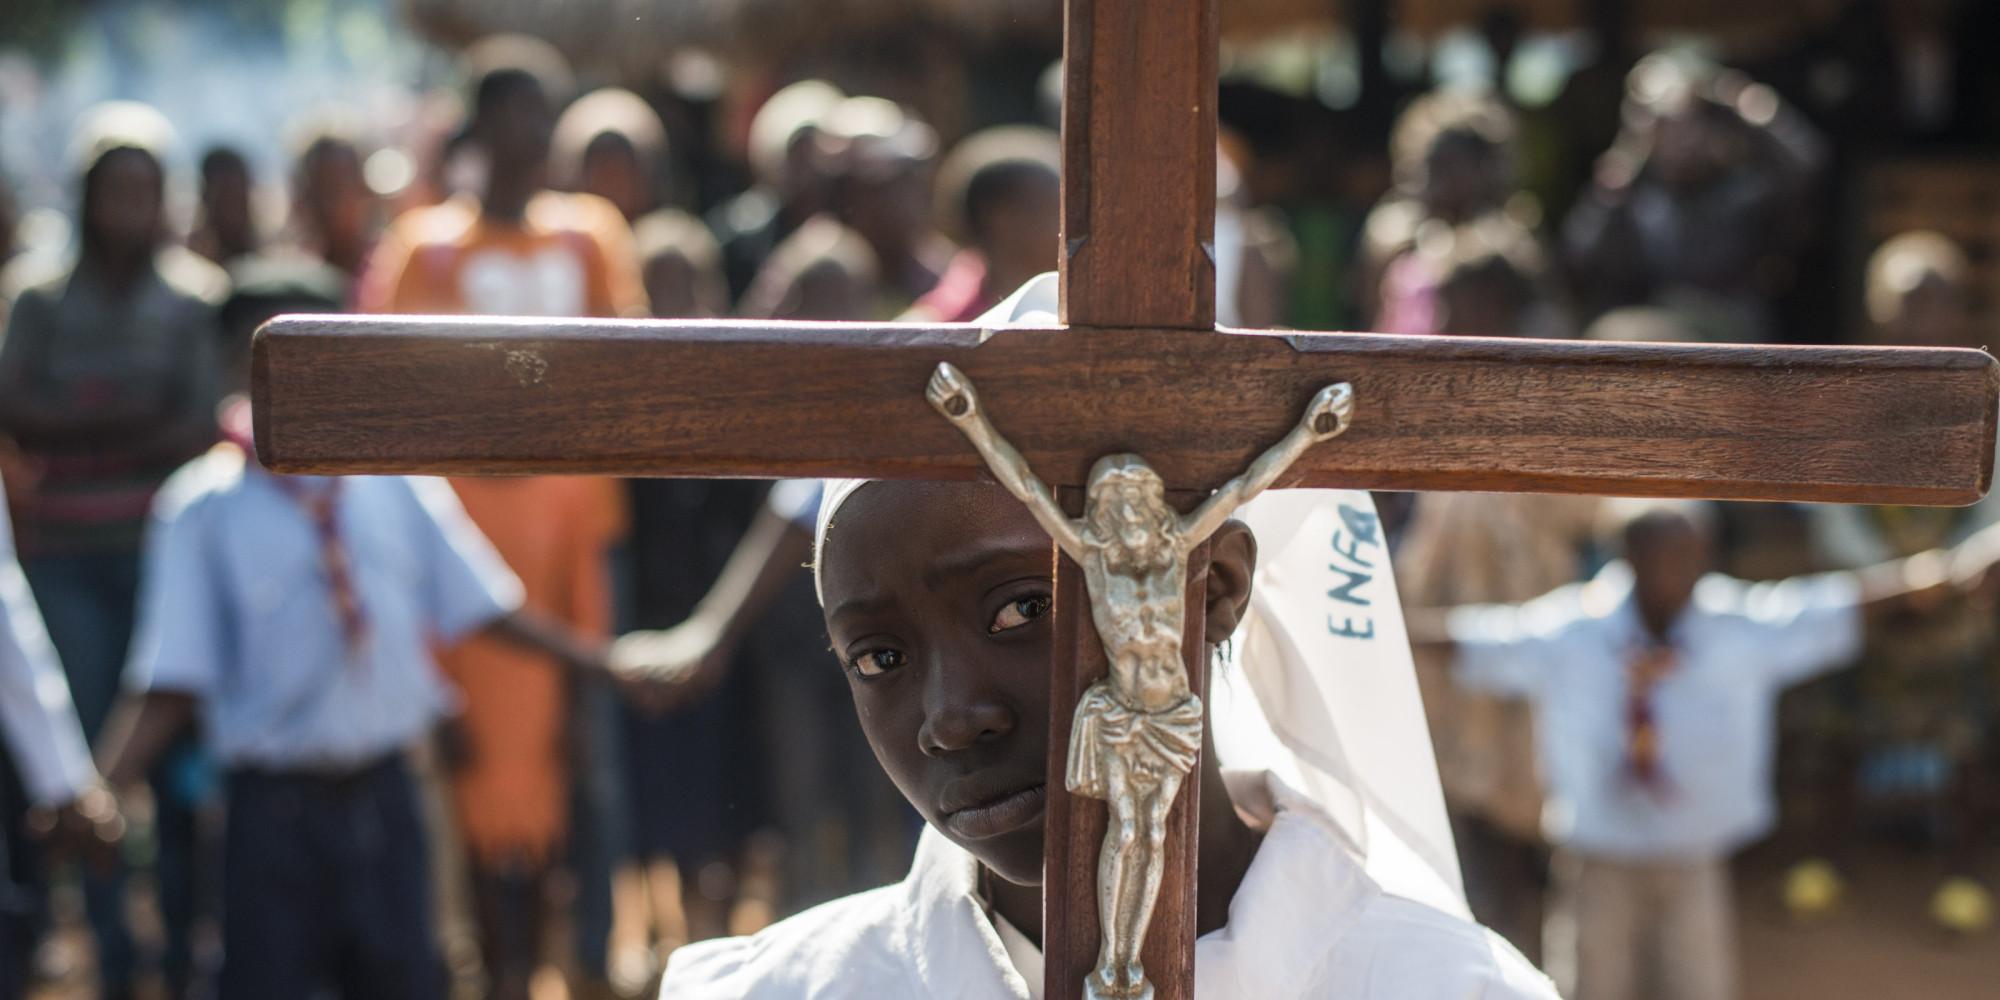 christian african christians church central saharan sub republic persecution islam cui viaggio terra nella threat chiesa